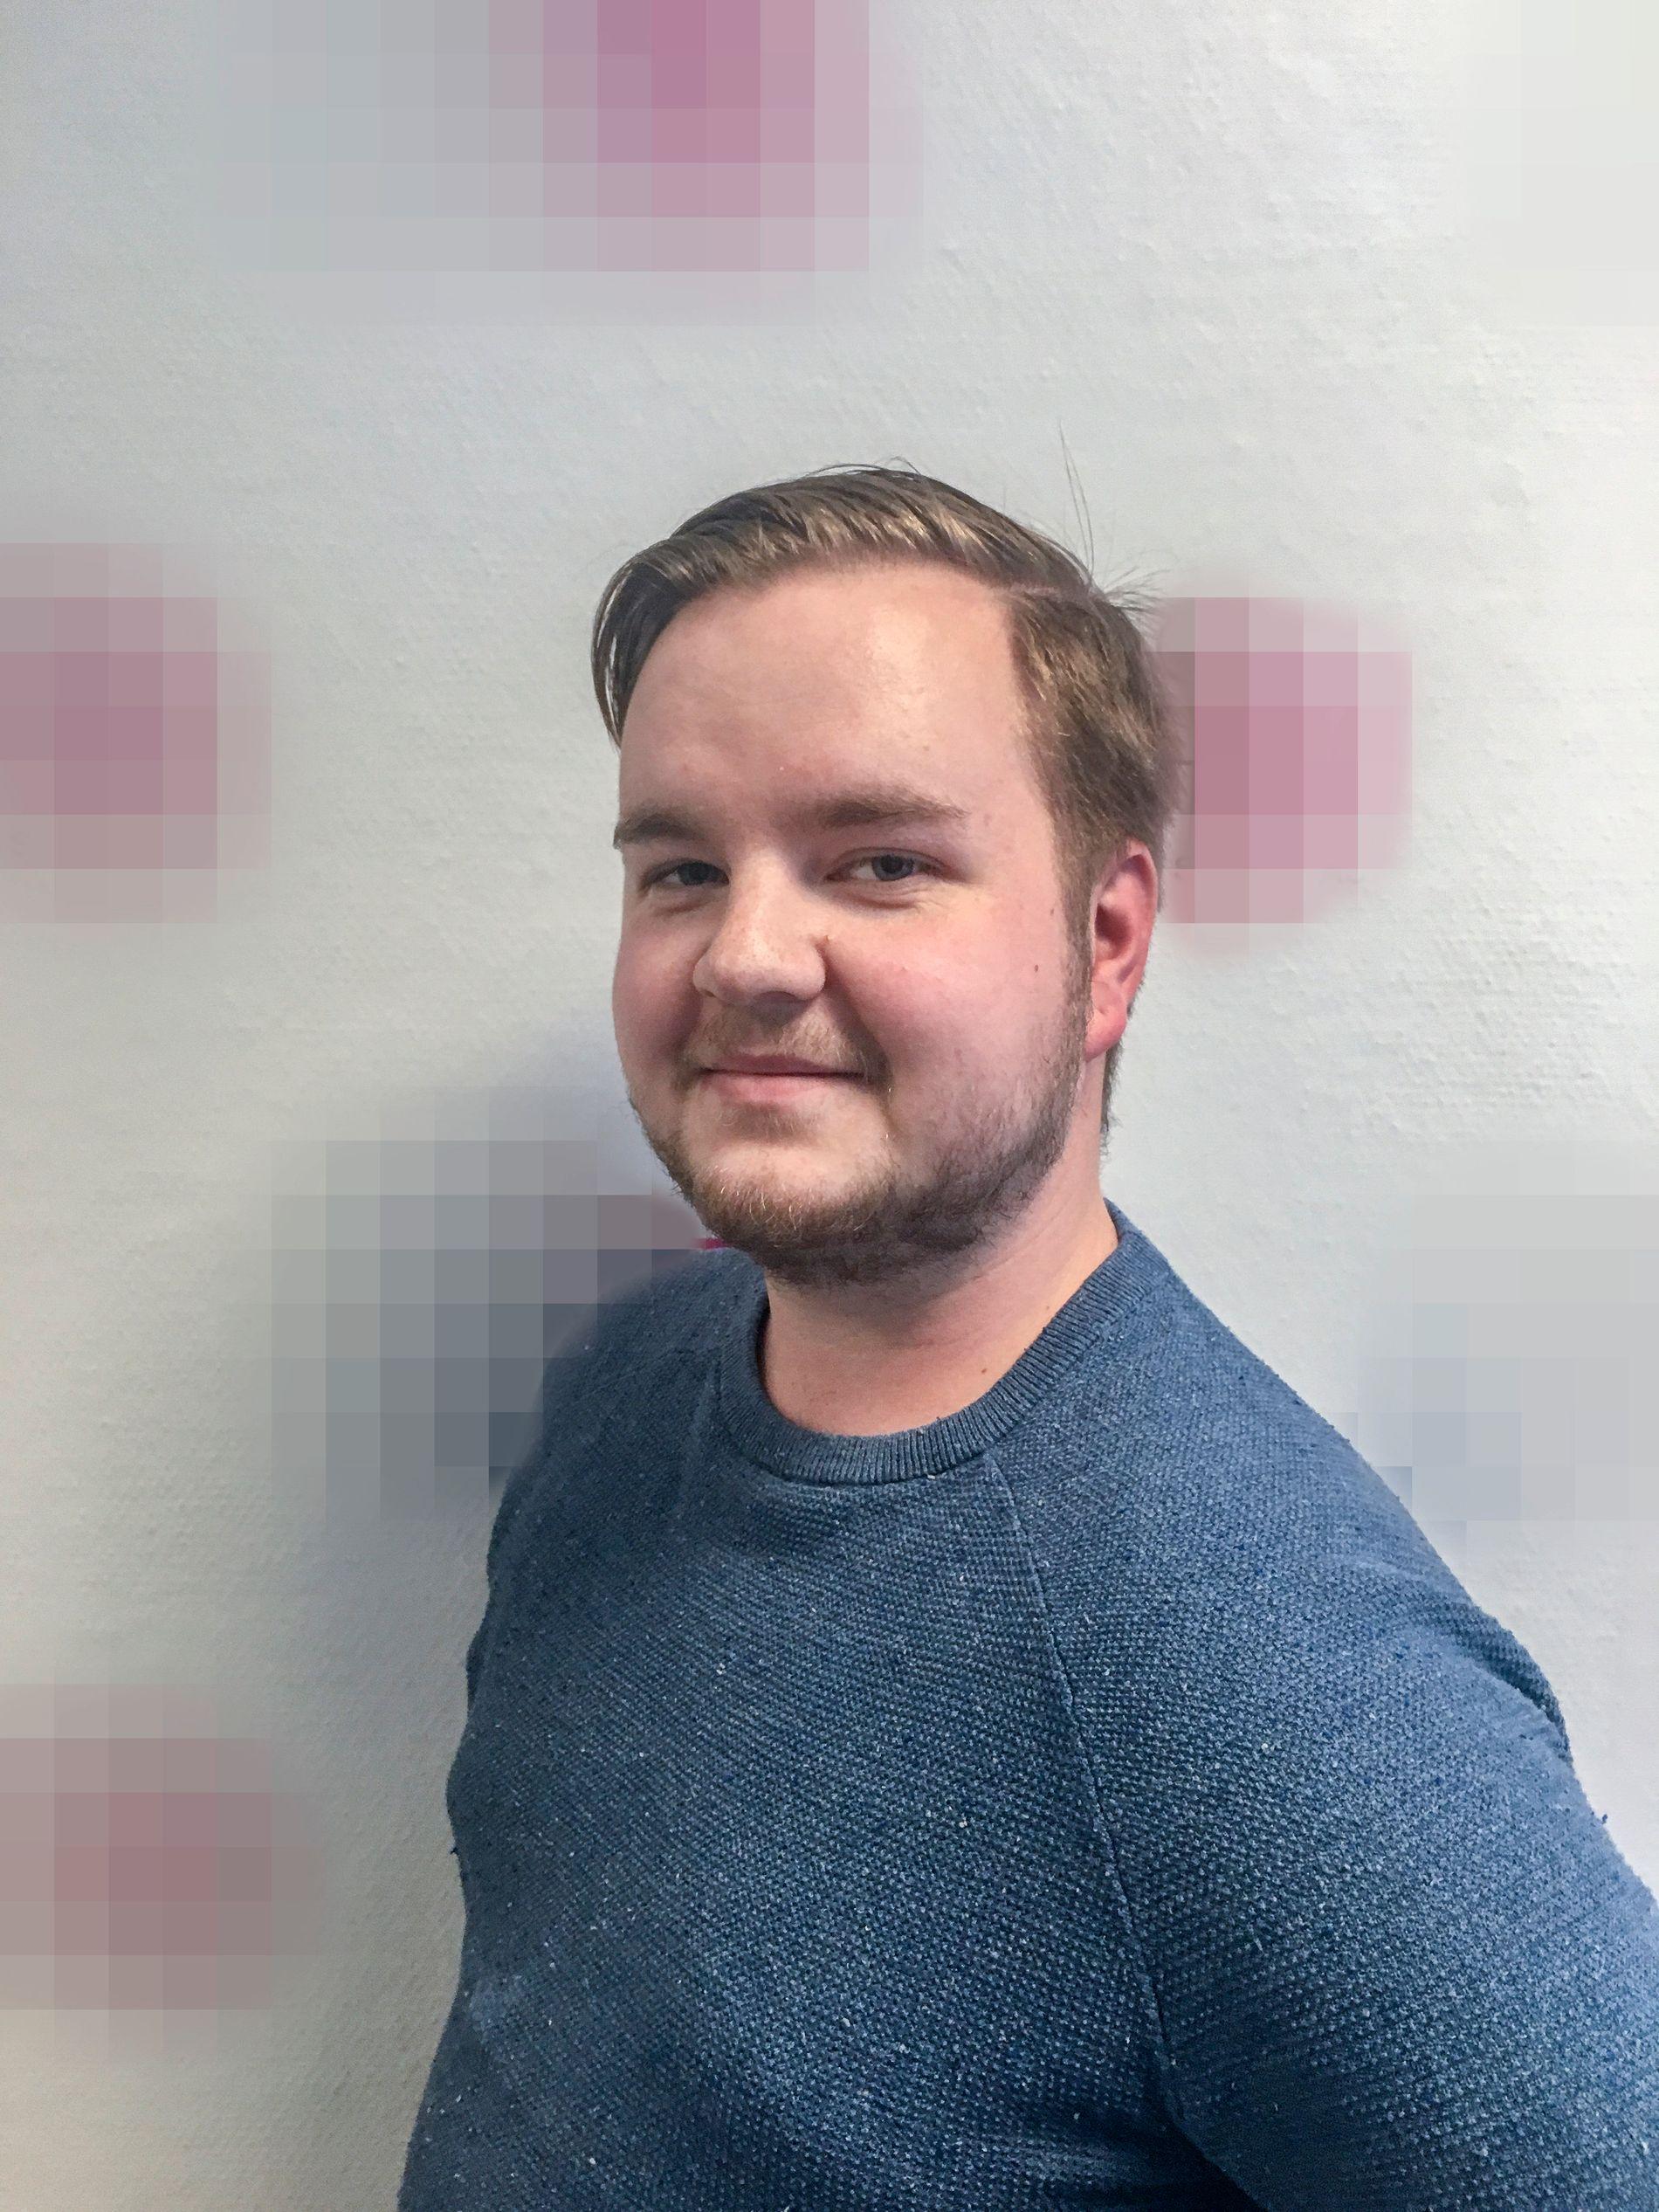 KNIVDREPT: Heikki Bjørklund Paltto (24) fra Mysen ble funnet brutalt drept på Majorstuen for én uke siden.